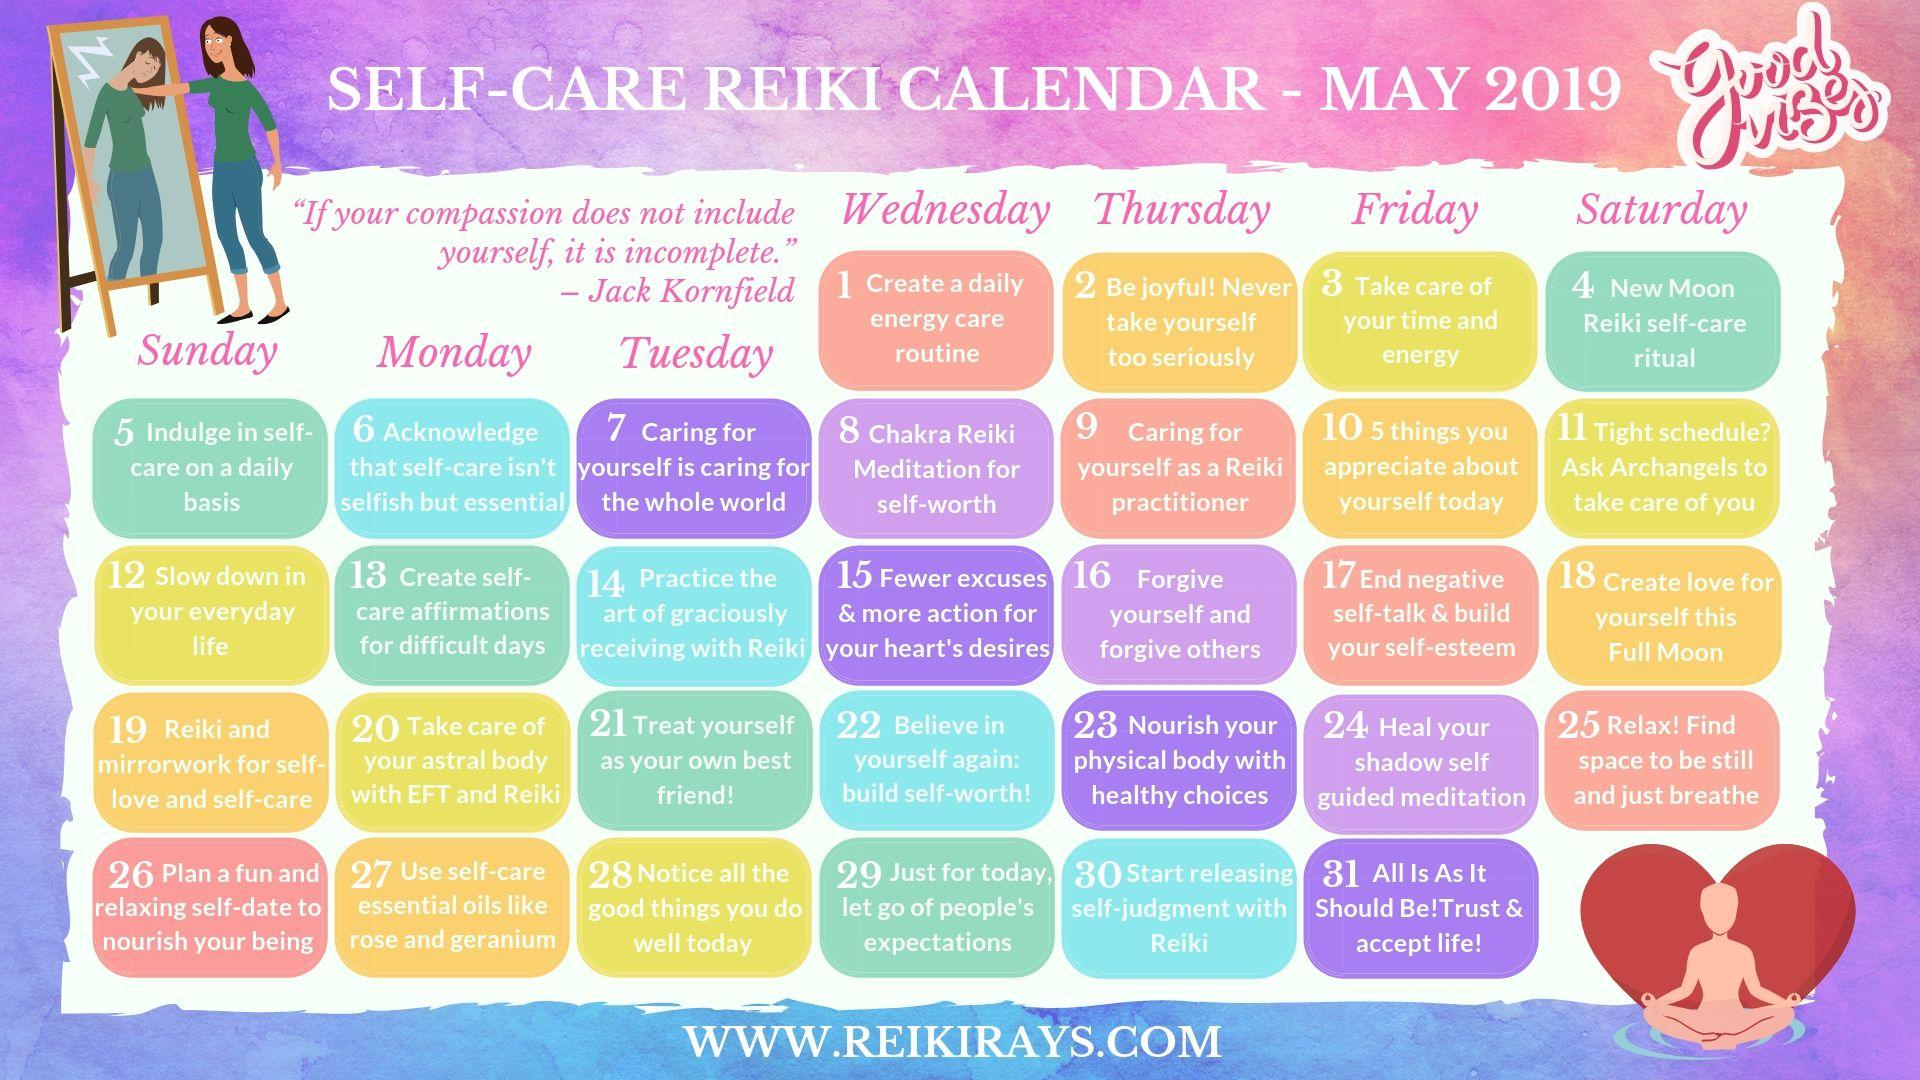 Self-Care Reiki Calendar May 2019 - Reiki Rays